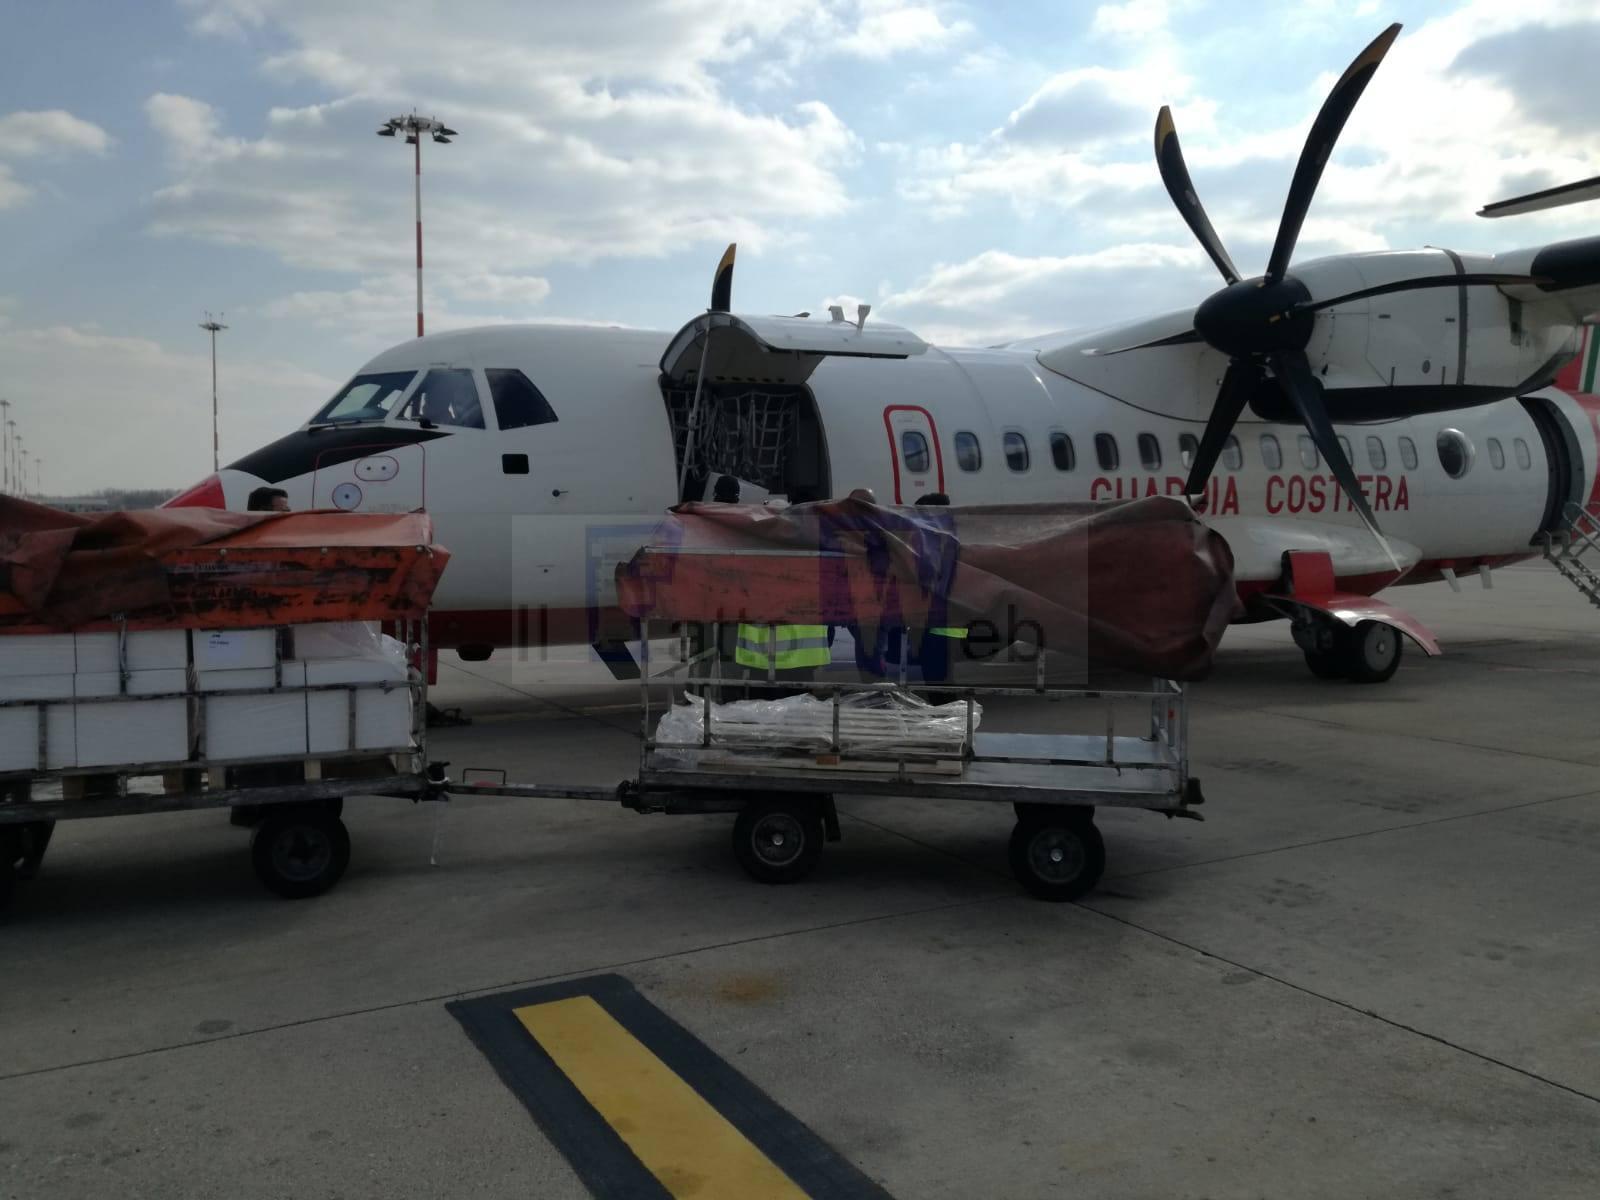 Emergenza Covid-19: l'Atr42 della Guardia Costiera in volo per trasportare materiale a Lamezia Terme e Bari